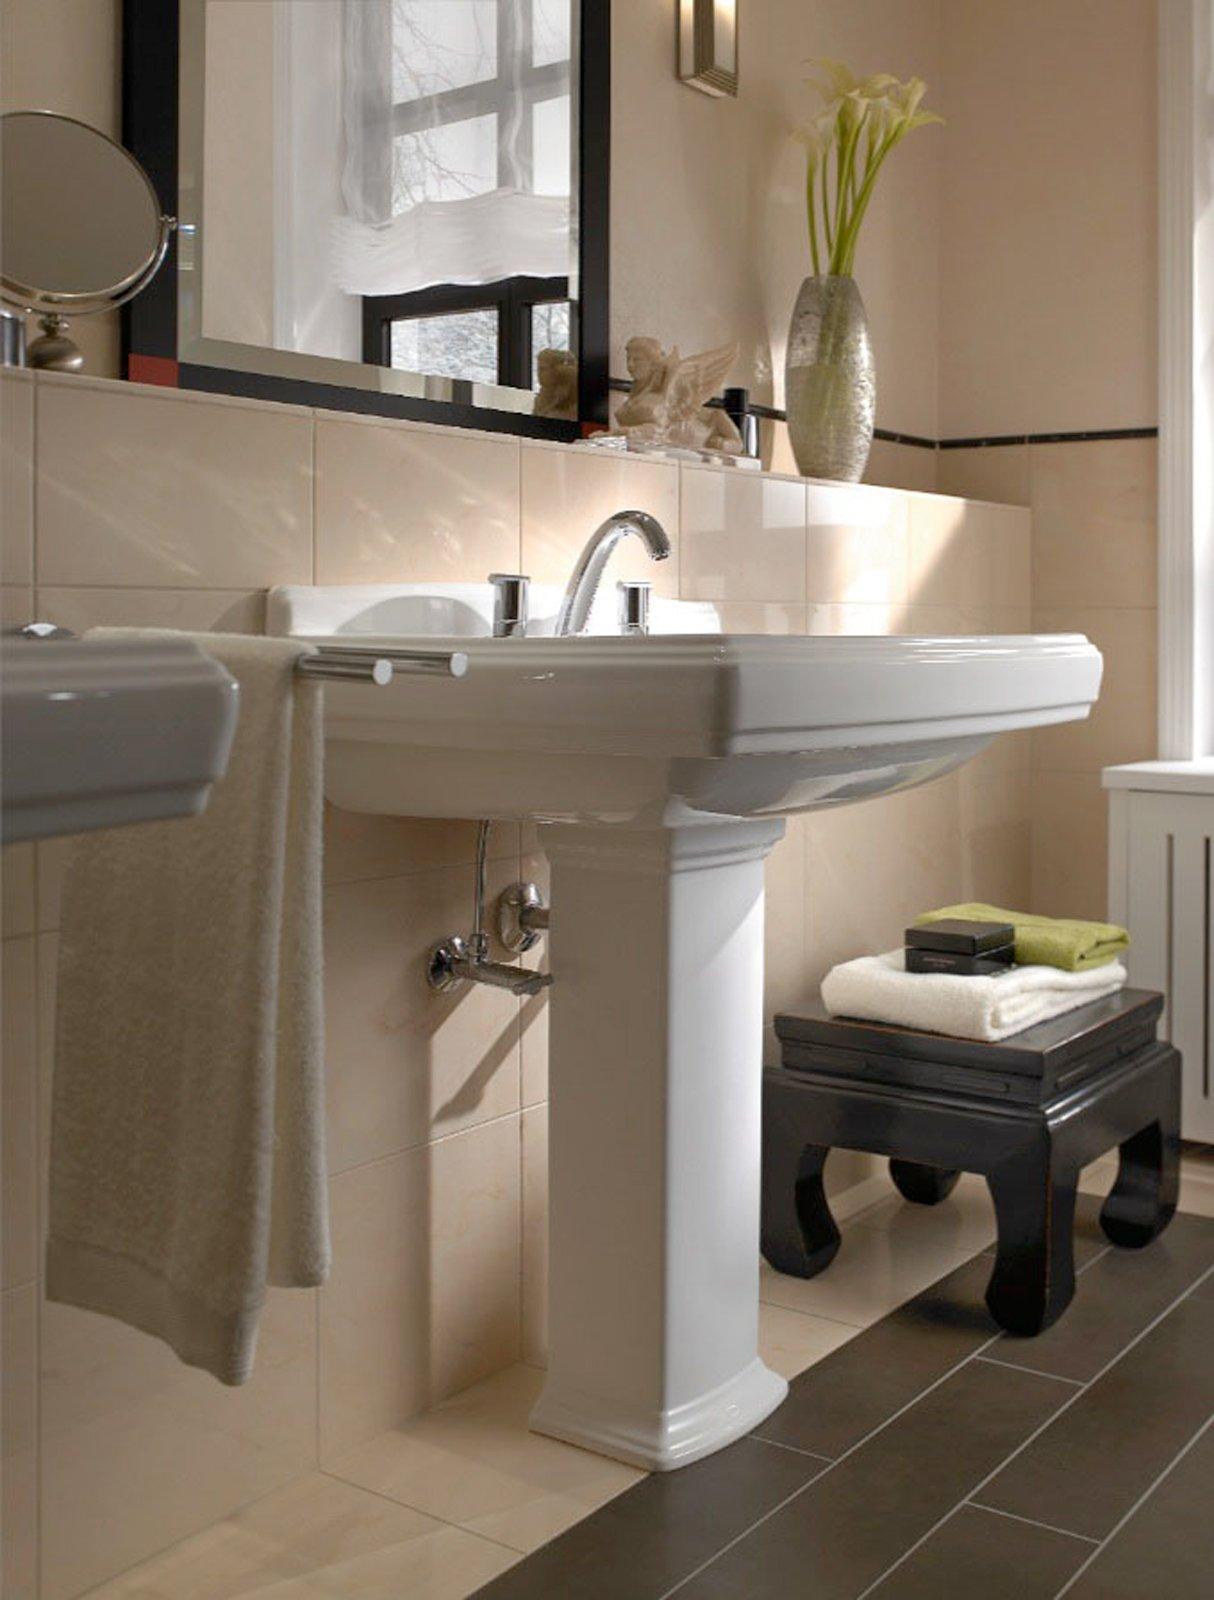 Lavabi classici lo stile anche in bagno cose di casa - Sanitari bagno old england ...